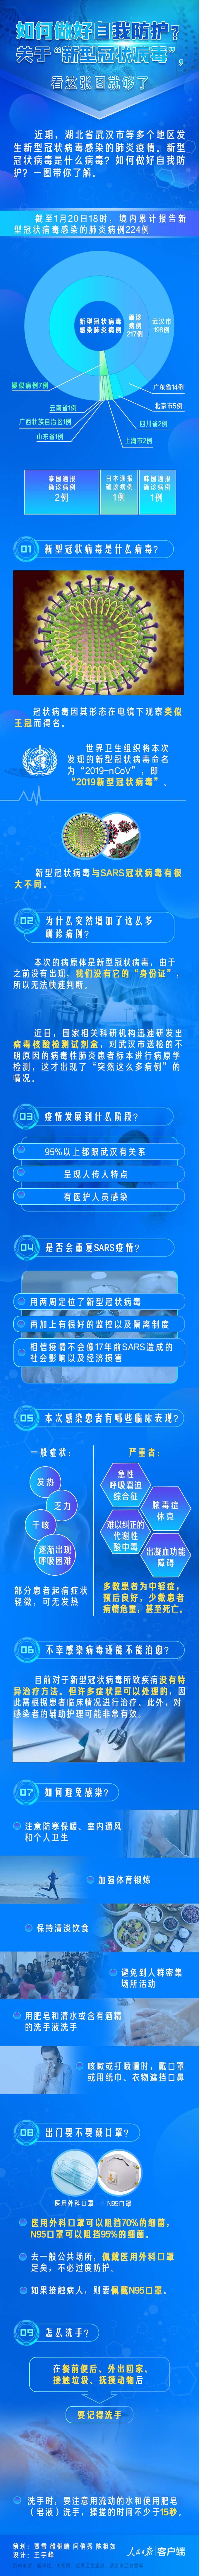 微信图片_20200121065154.jpg?x-oss-process=style/w10